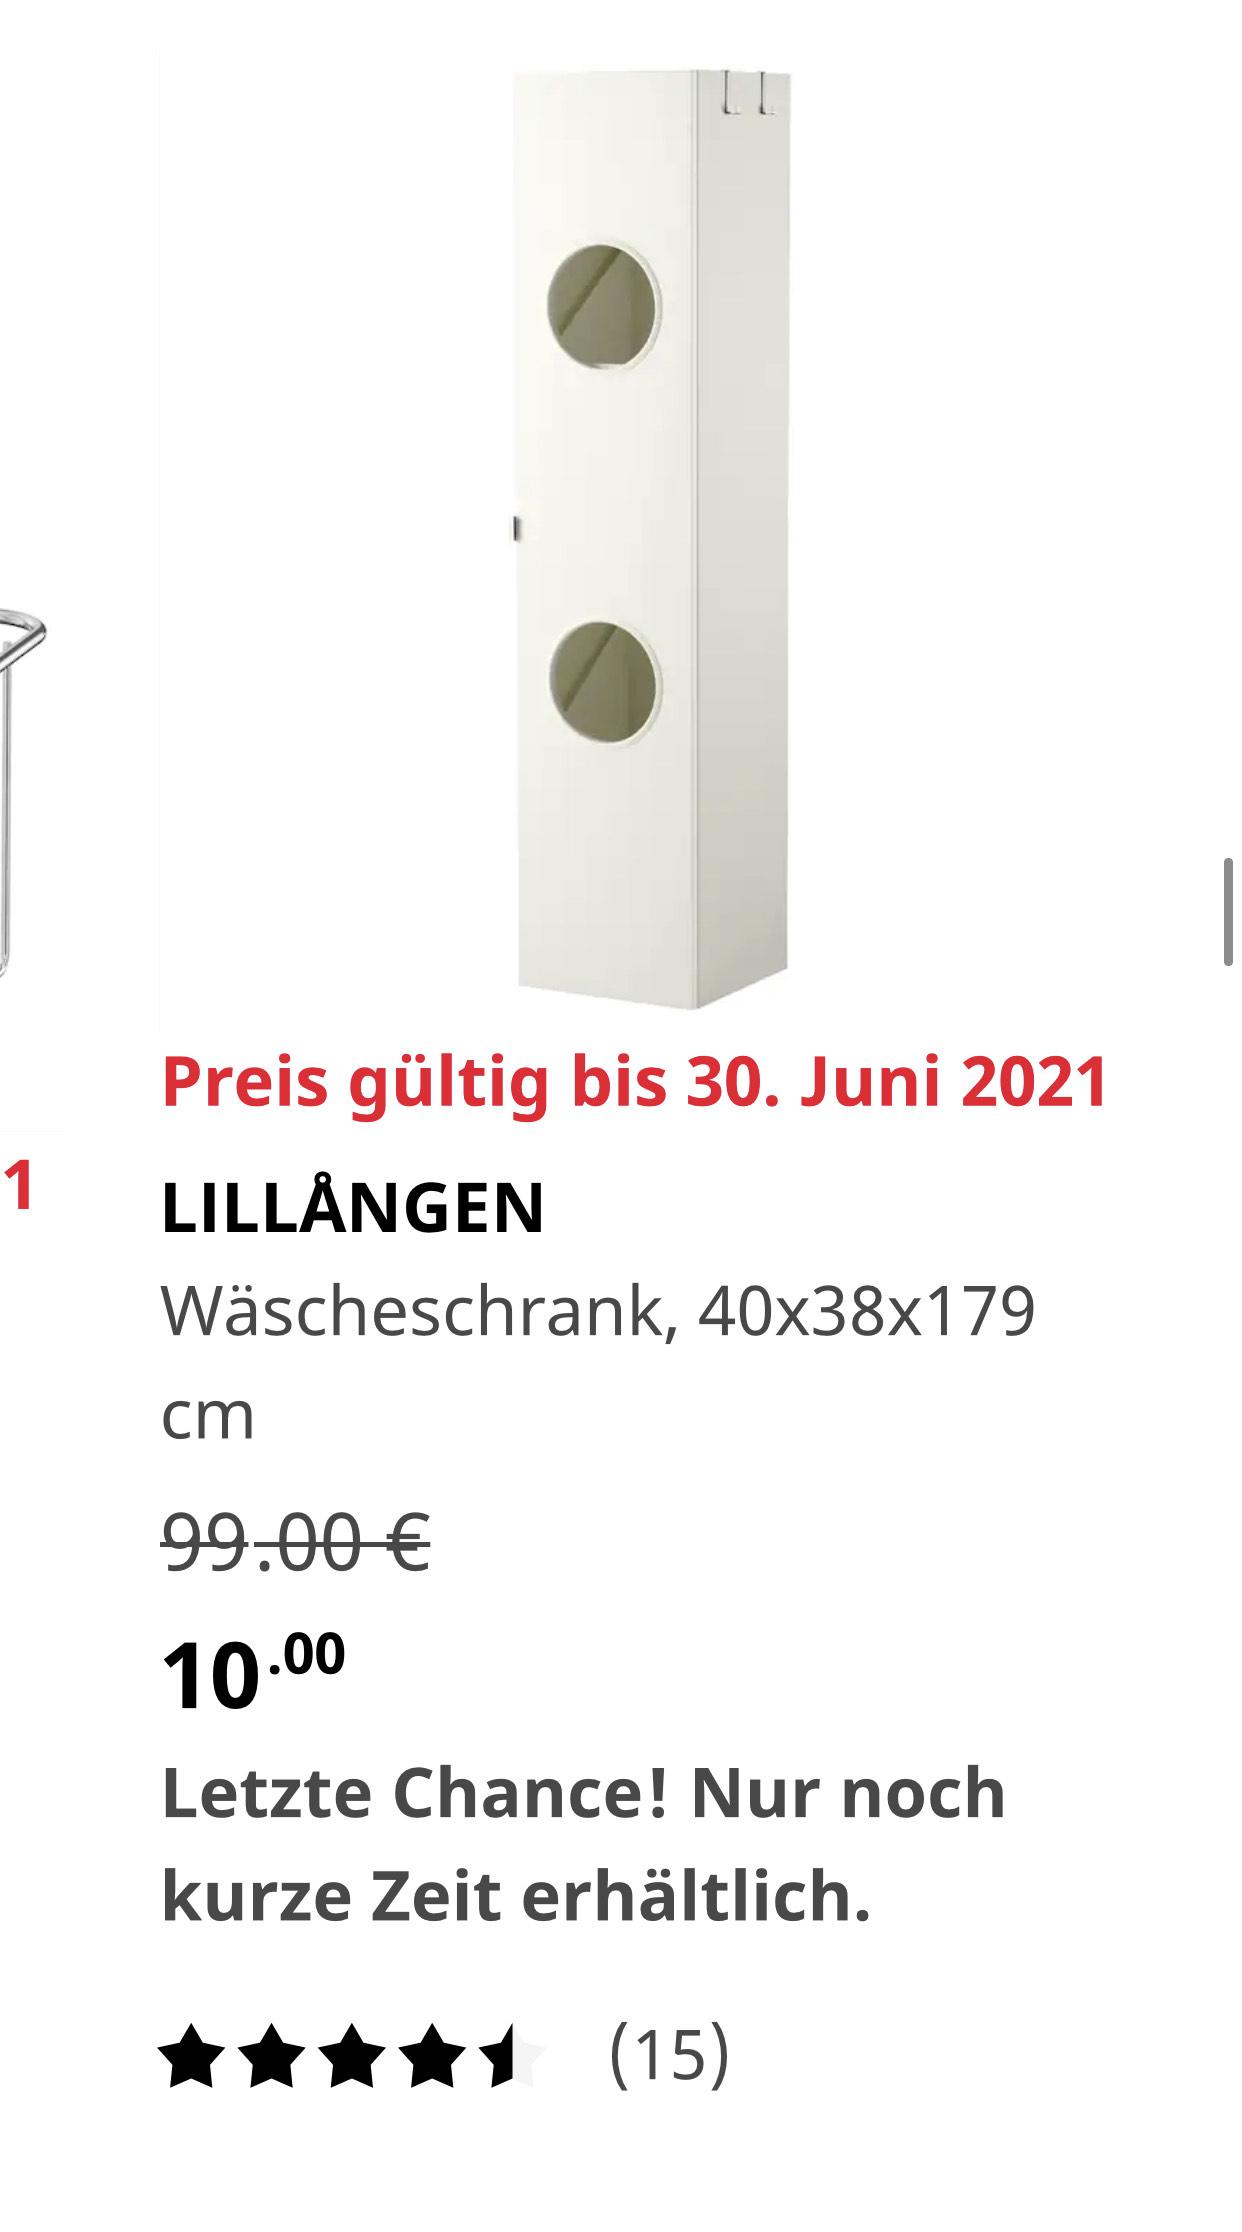 Ikea Berlin Spandau Wäscheschrank LILLÅNGEN 10€ statt 99€